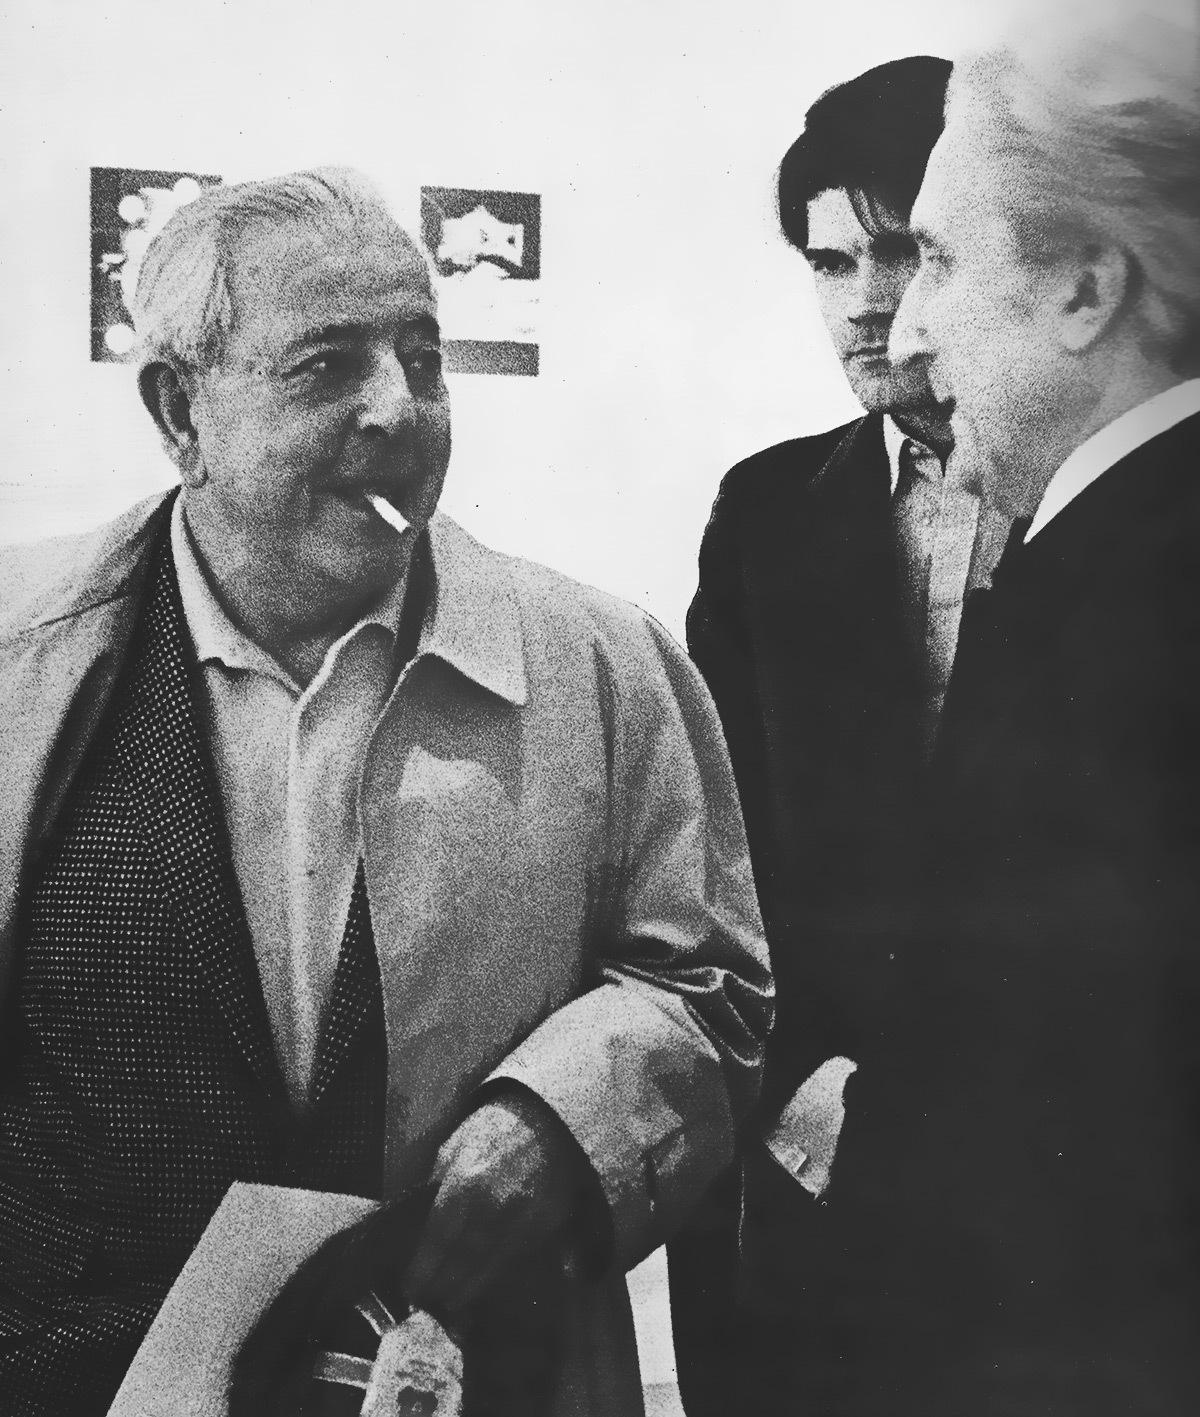 De gauche à droite: Jacques Prévert, Alain Le Yaouanc, Aimé Maght. Vernissage de l'exposition Le Yaouanc à la galerie Maeght, le 17 décembre 1970. Photo: © Claude Gaspari.